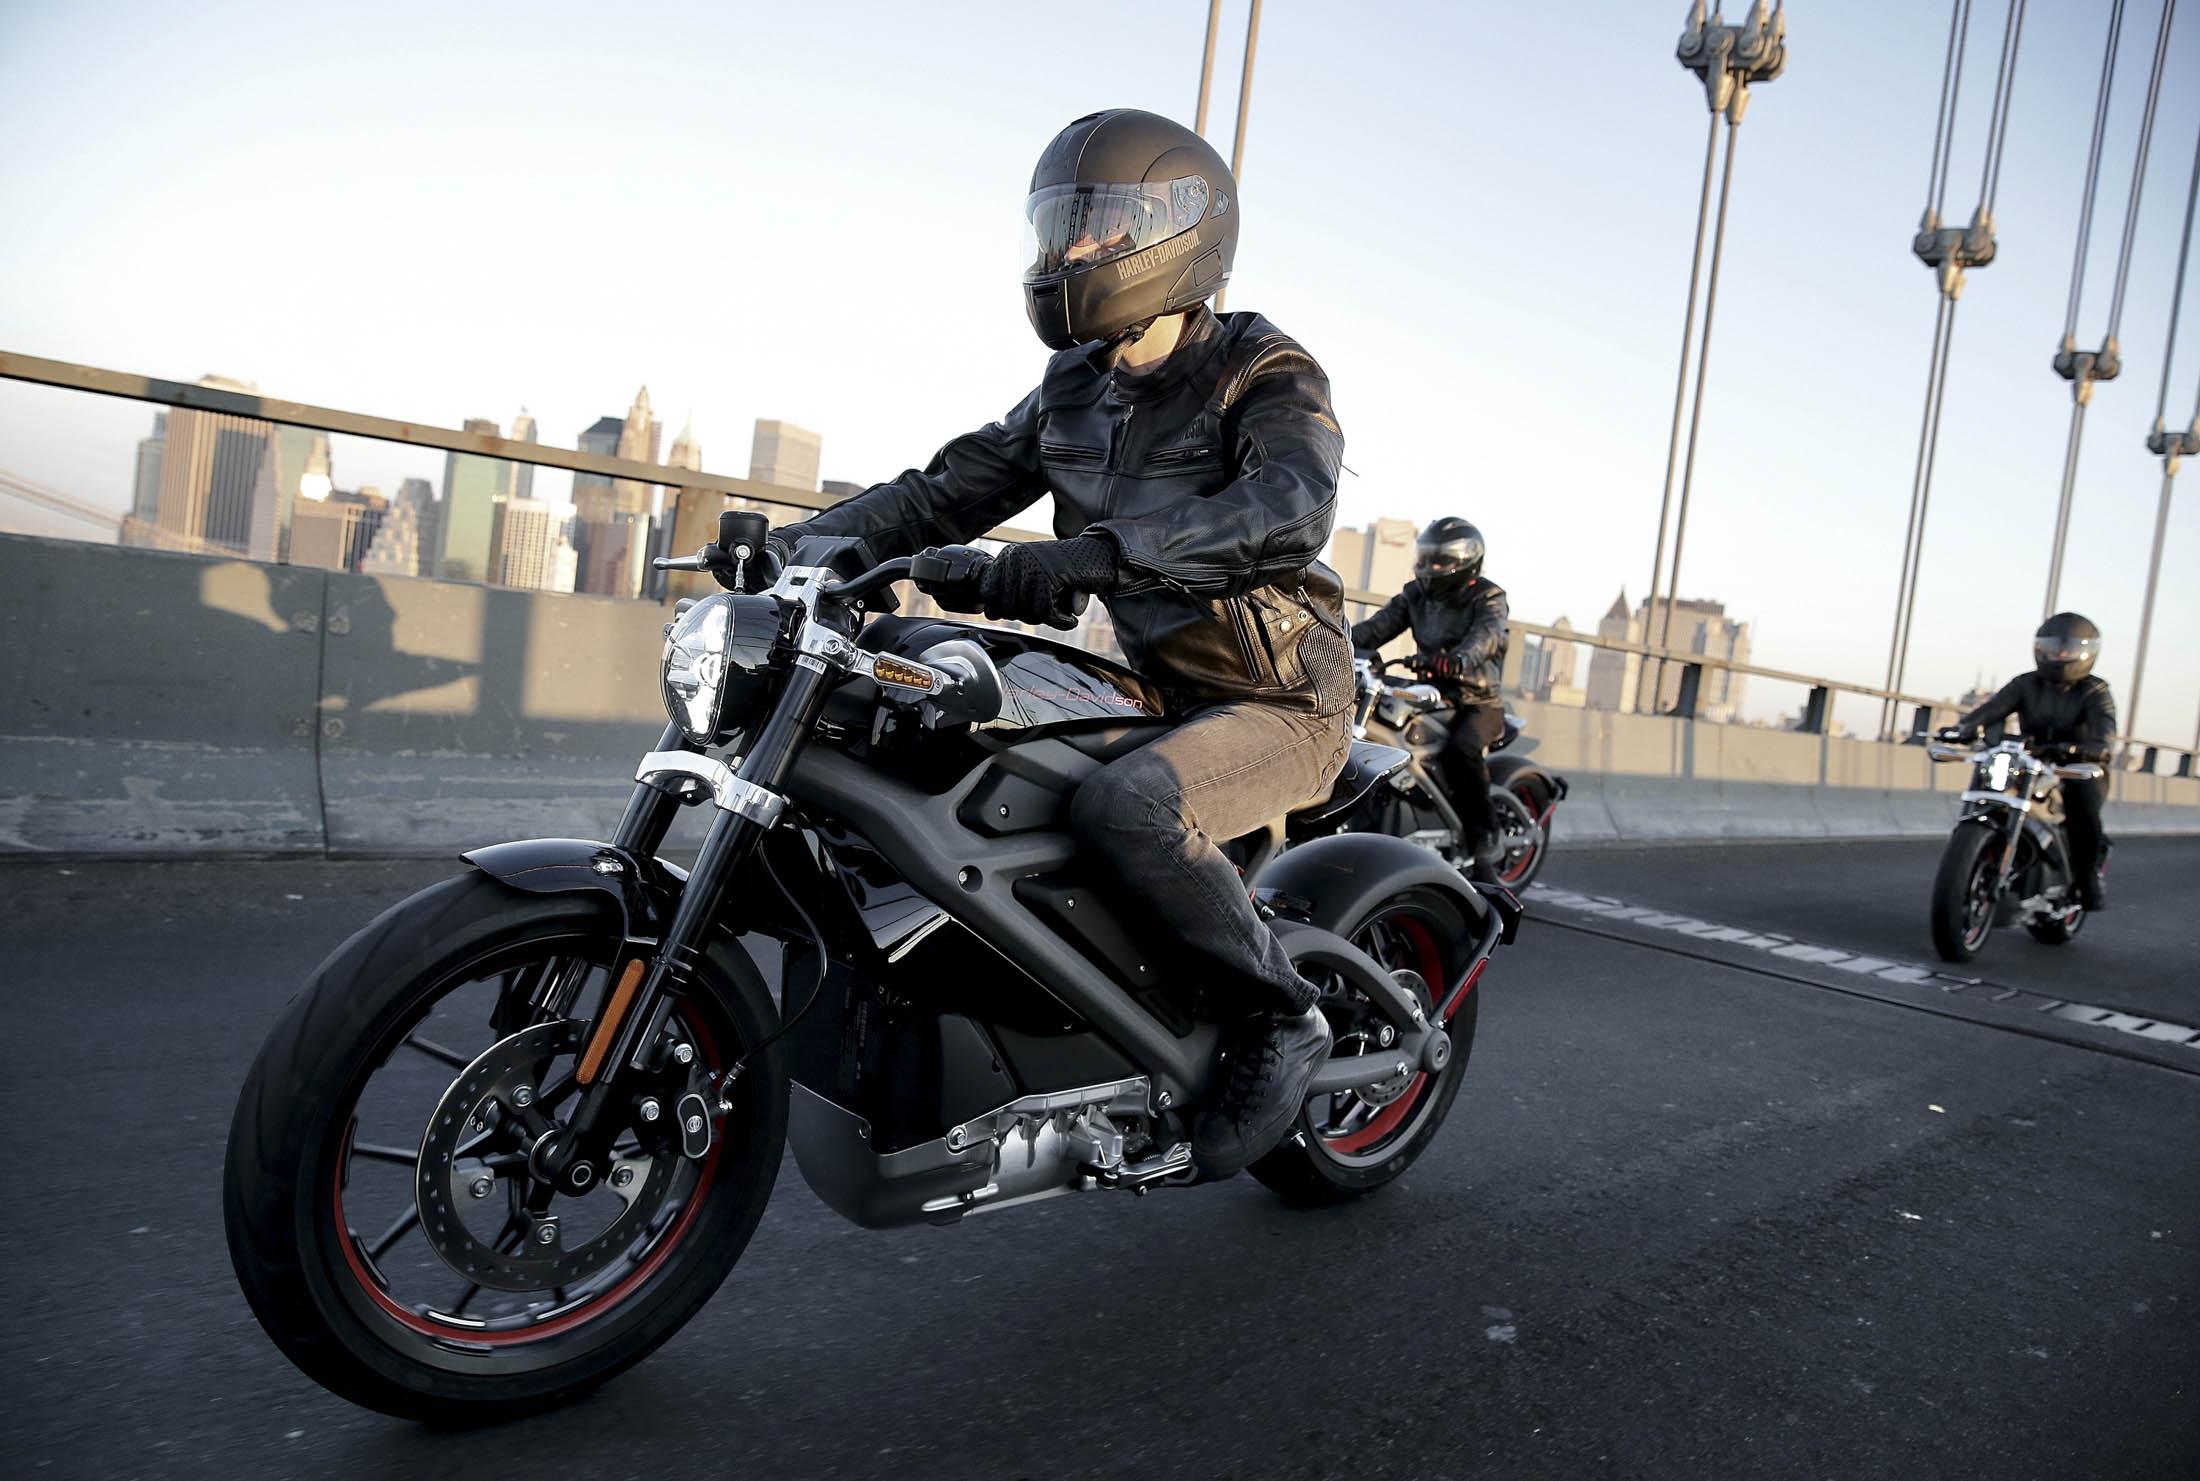 Harley Davidson i dorzohet teknologjisë, prodhon motorin elektrik